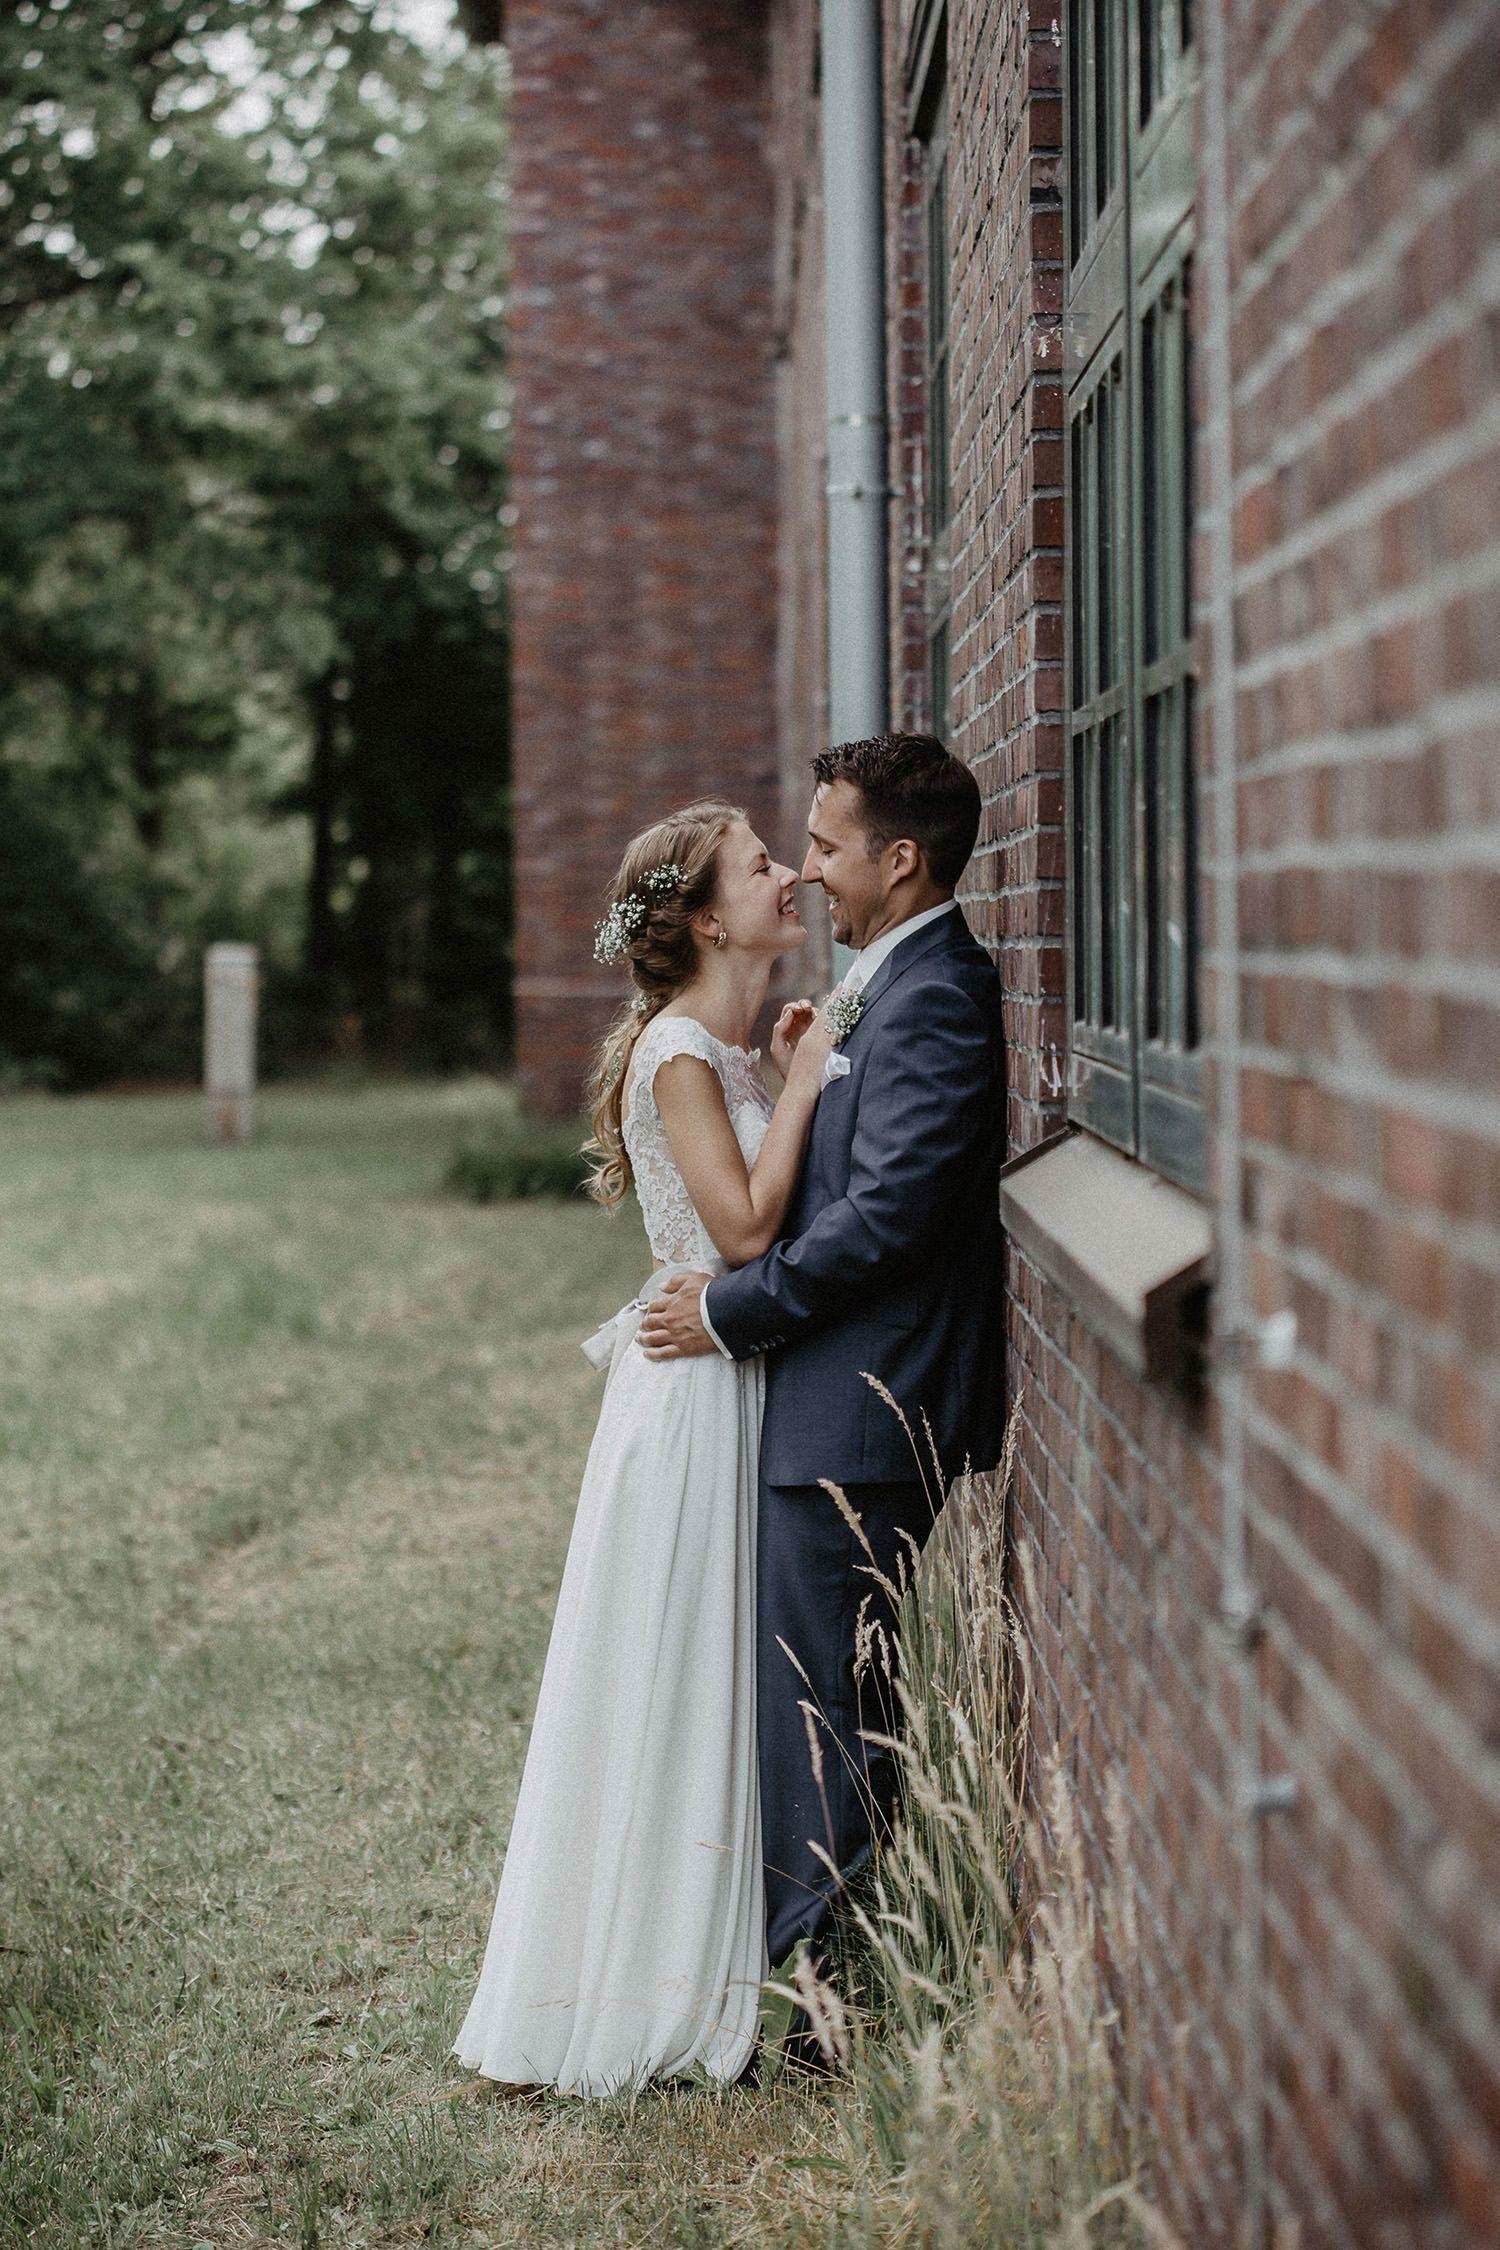 Hochzeit Von Nadine Und Jan Hochzeitsfotografie In Bockhorst Jever Stella Und Uwe Fotografie Ihr Hochzeitsfotograf Im Emsland In 2020 Wedding Shots Wedding Photography Poses